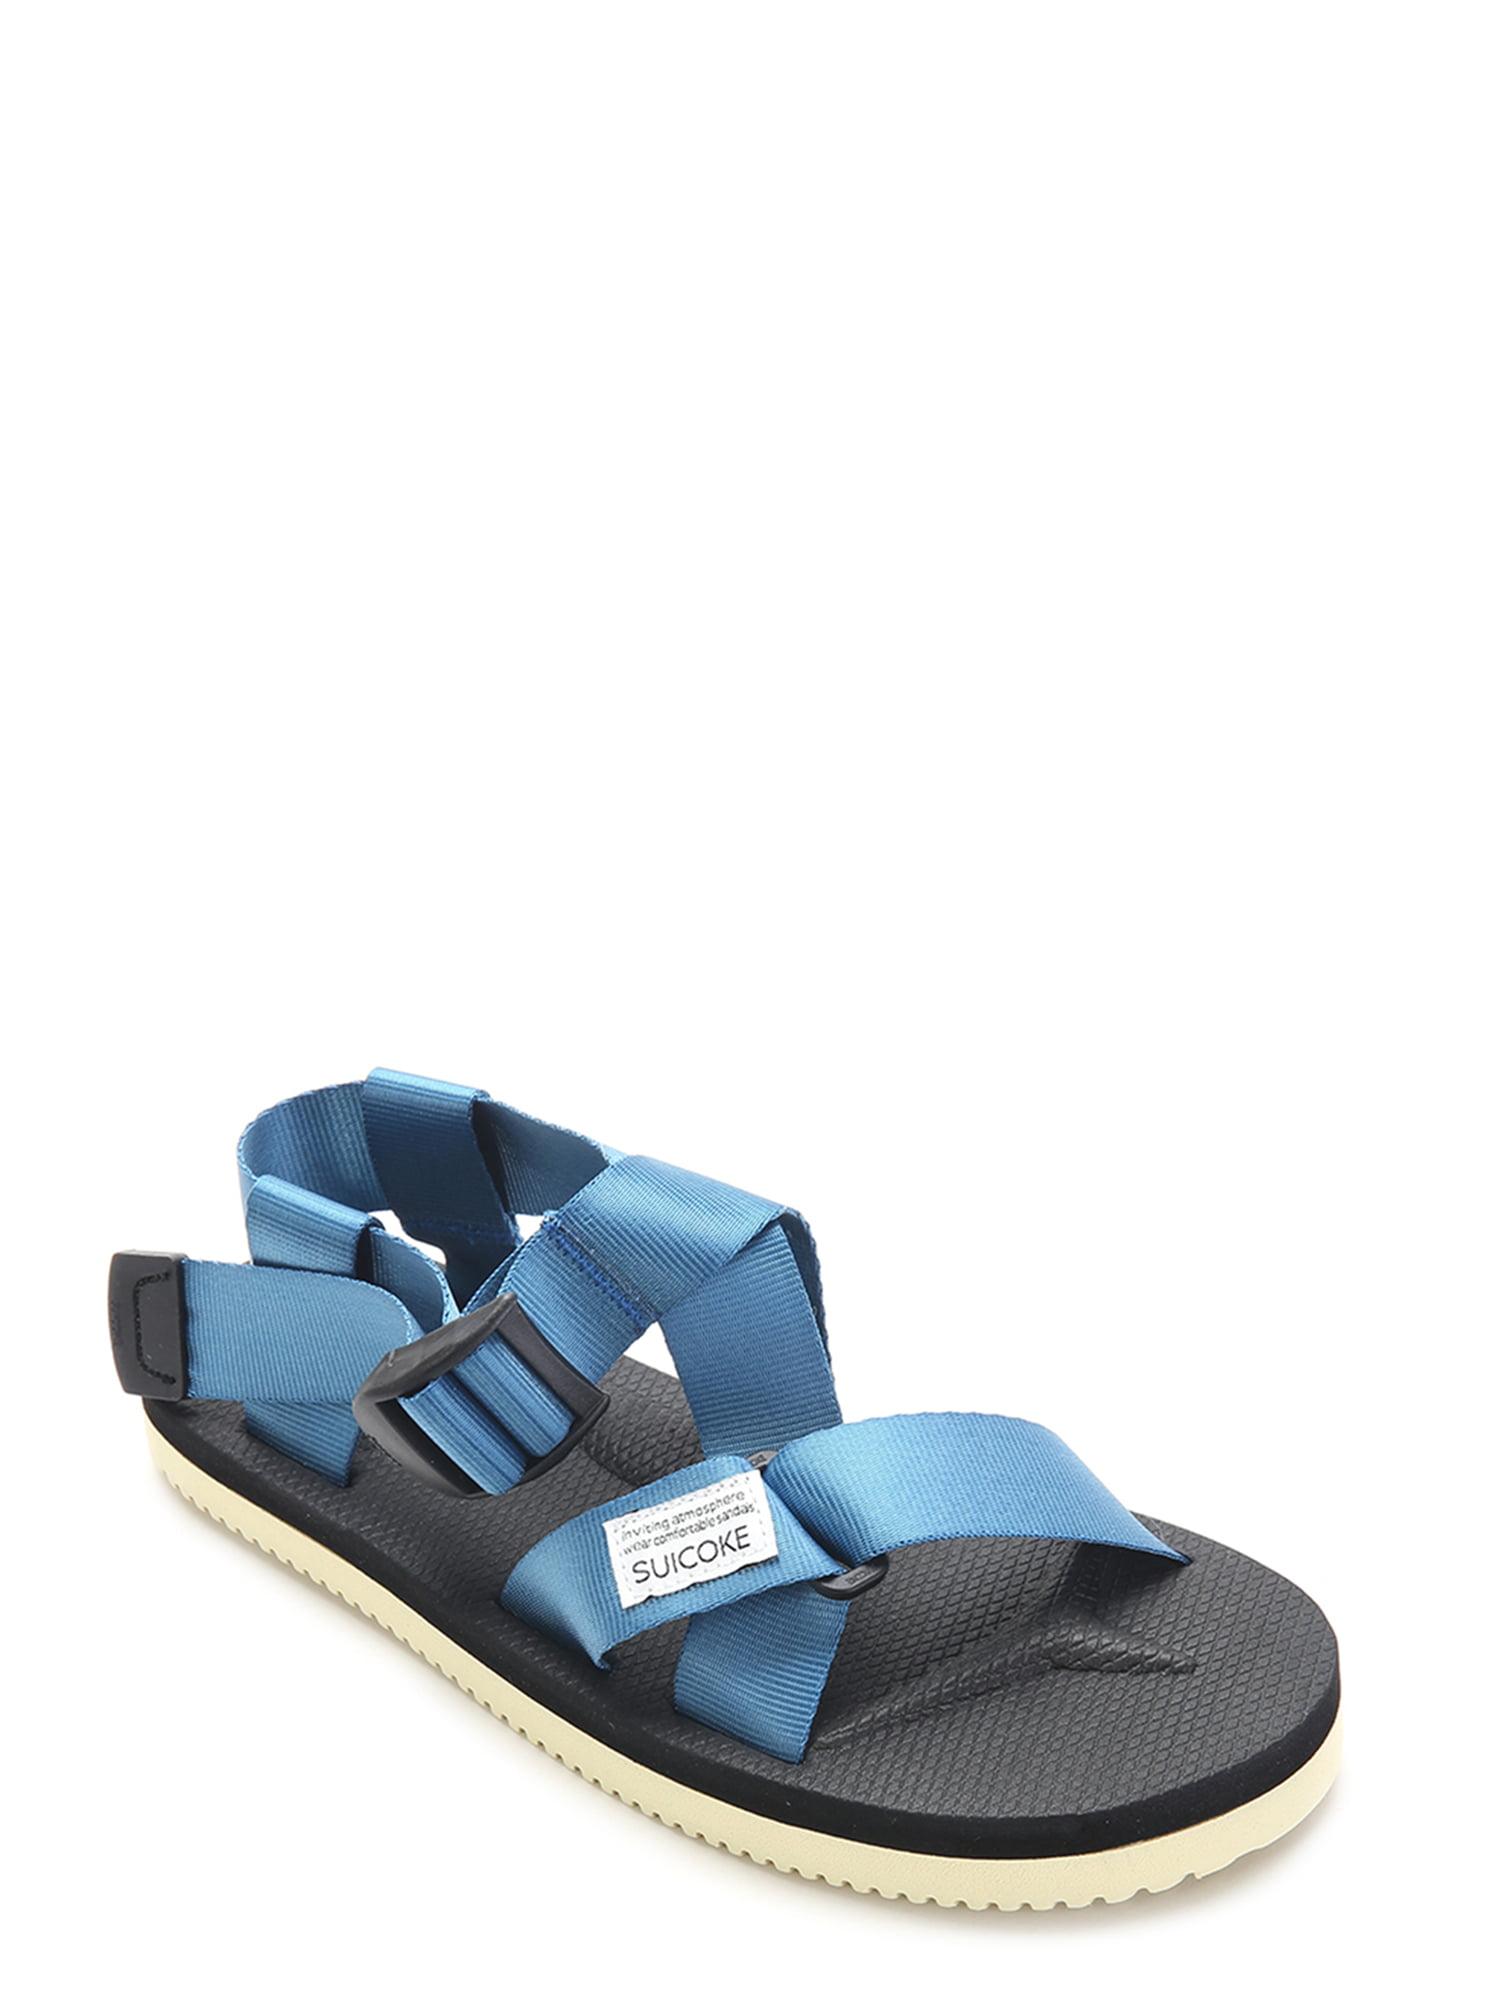 a27d0d561766 Suicoke - Suicoke Men s CHIN2 Sandals OG-023-2 - Walmart.com